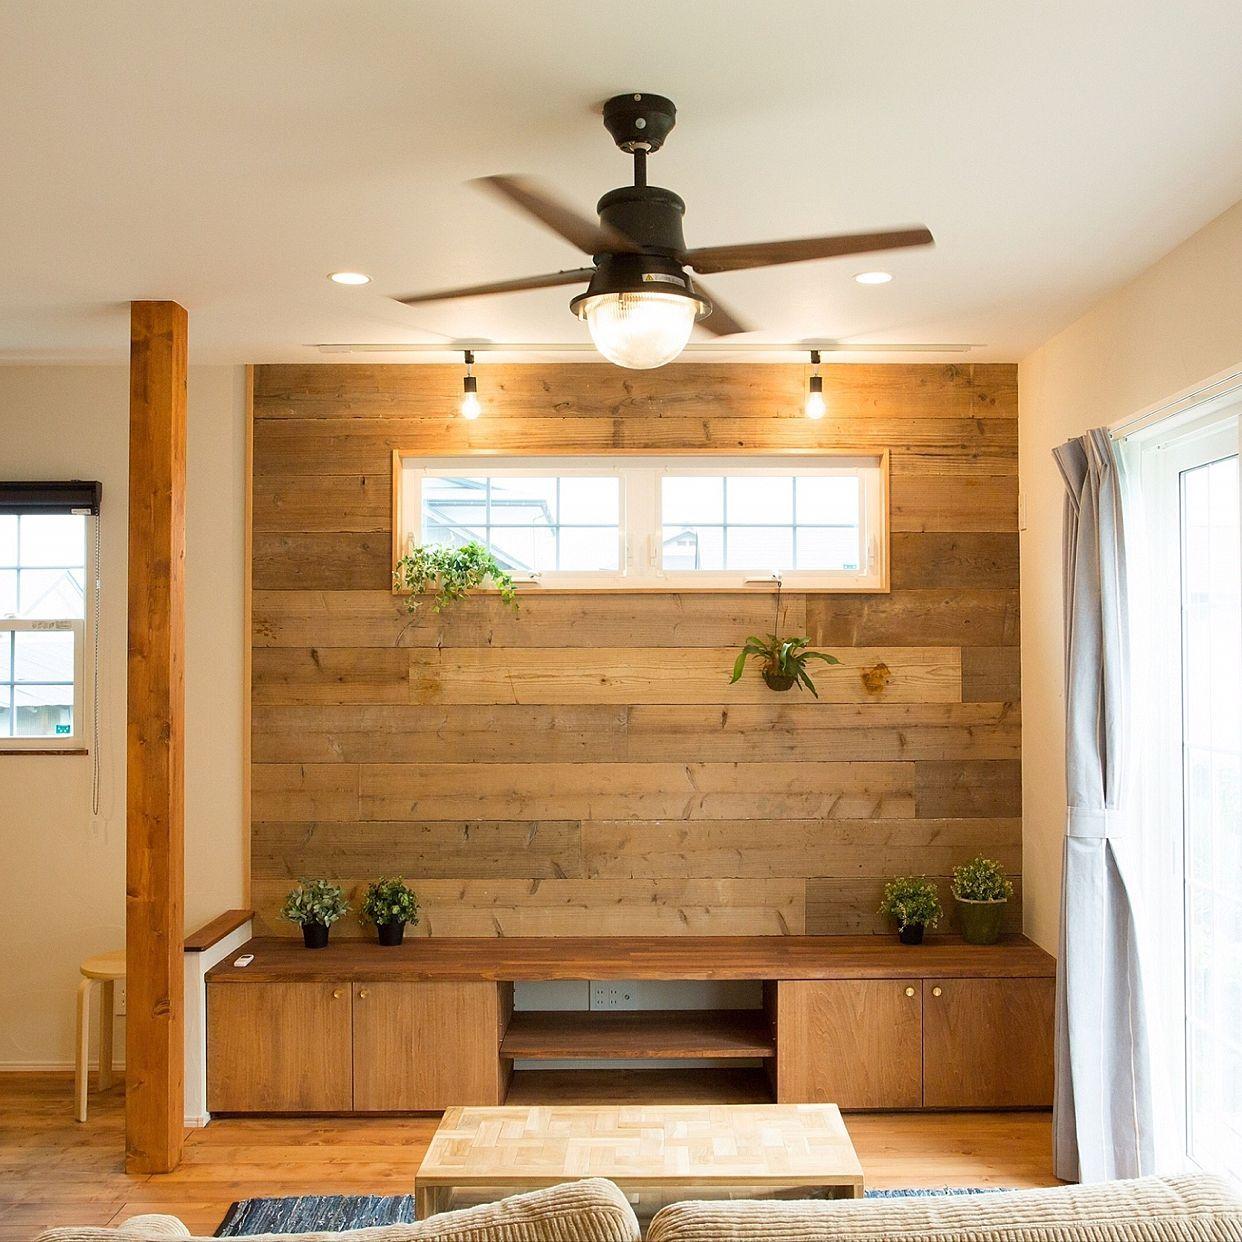 壁 天井 モーガルソケット コウモリラン 造作テレビ台 足場板 などの